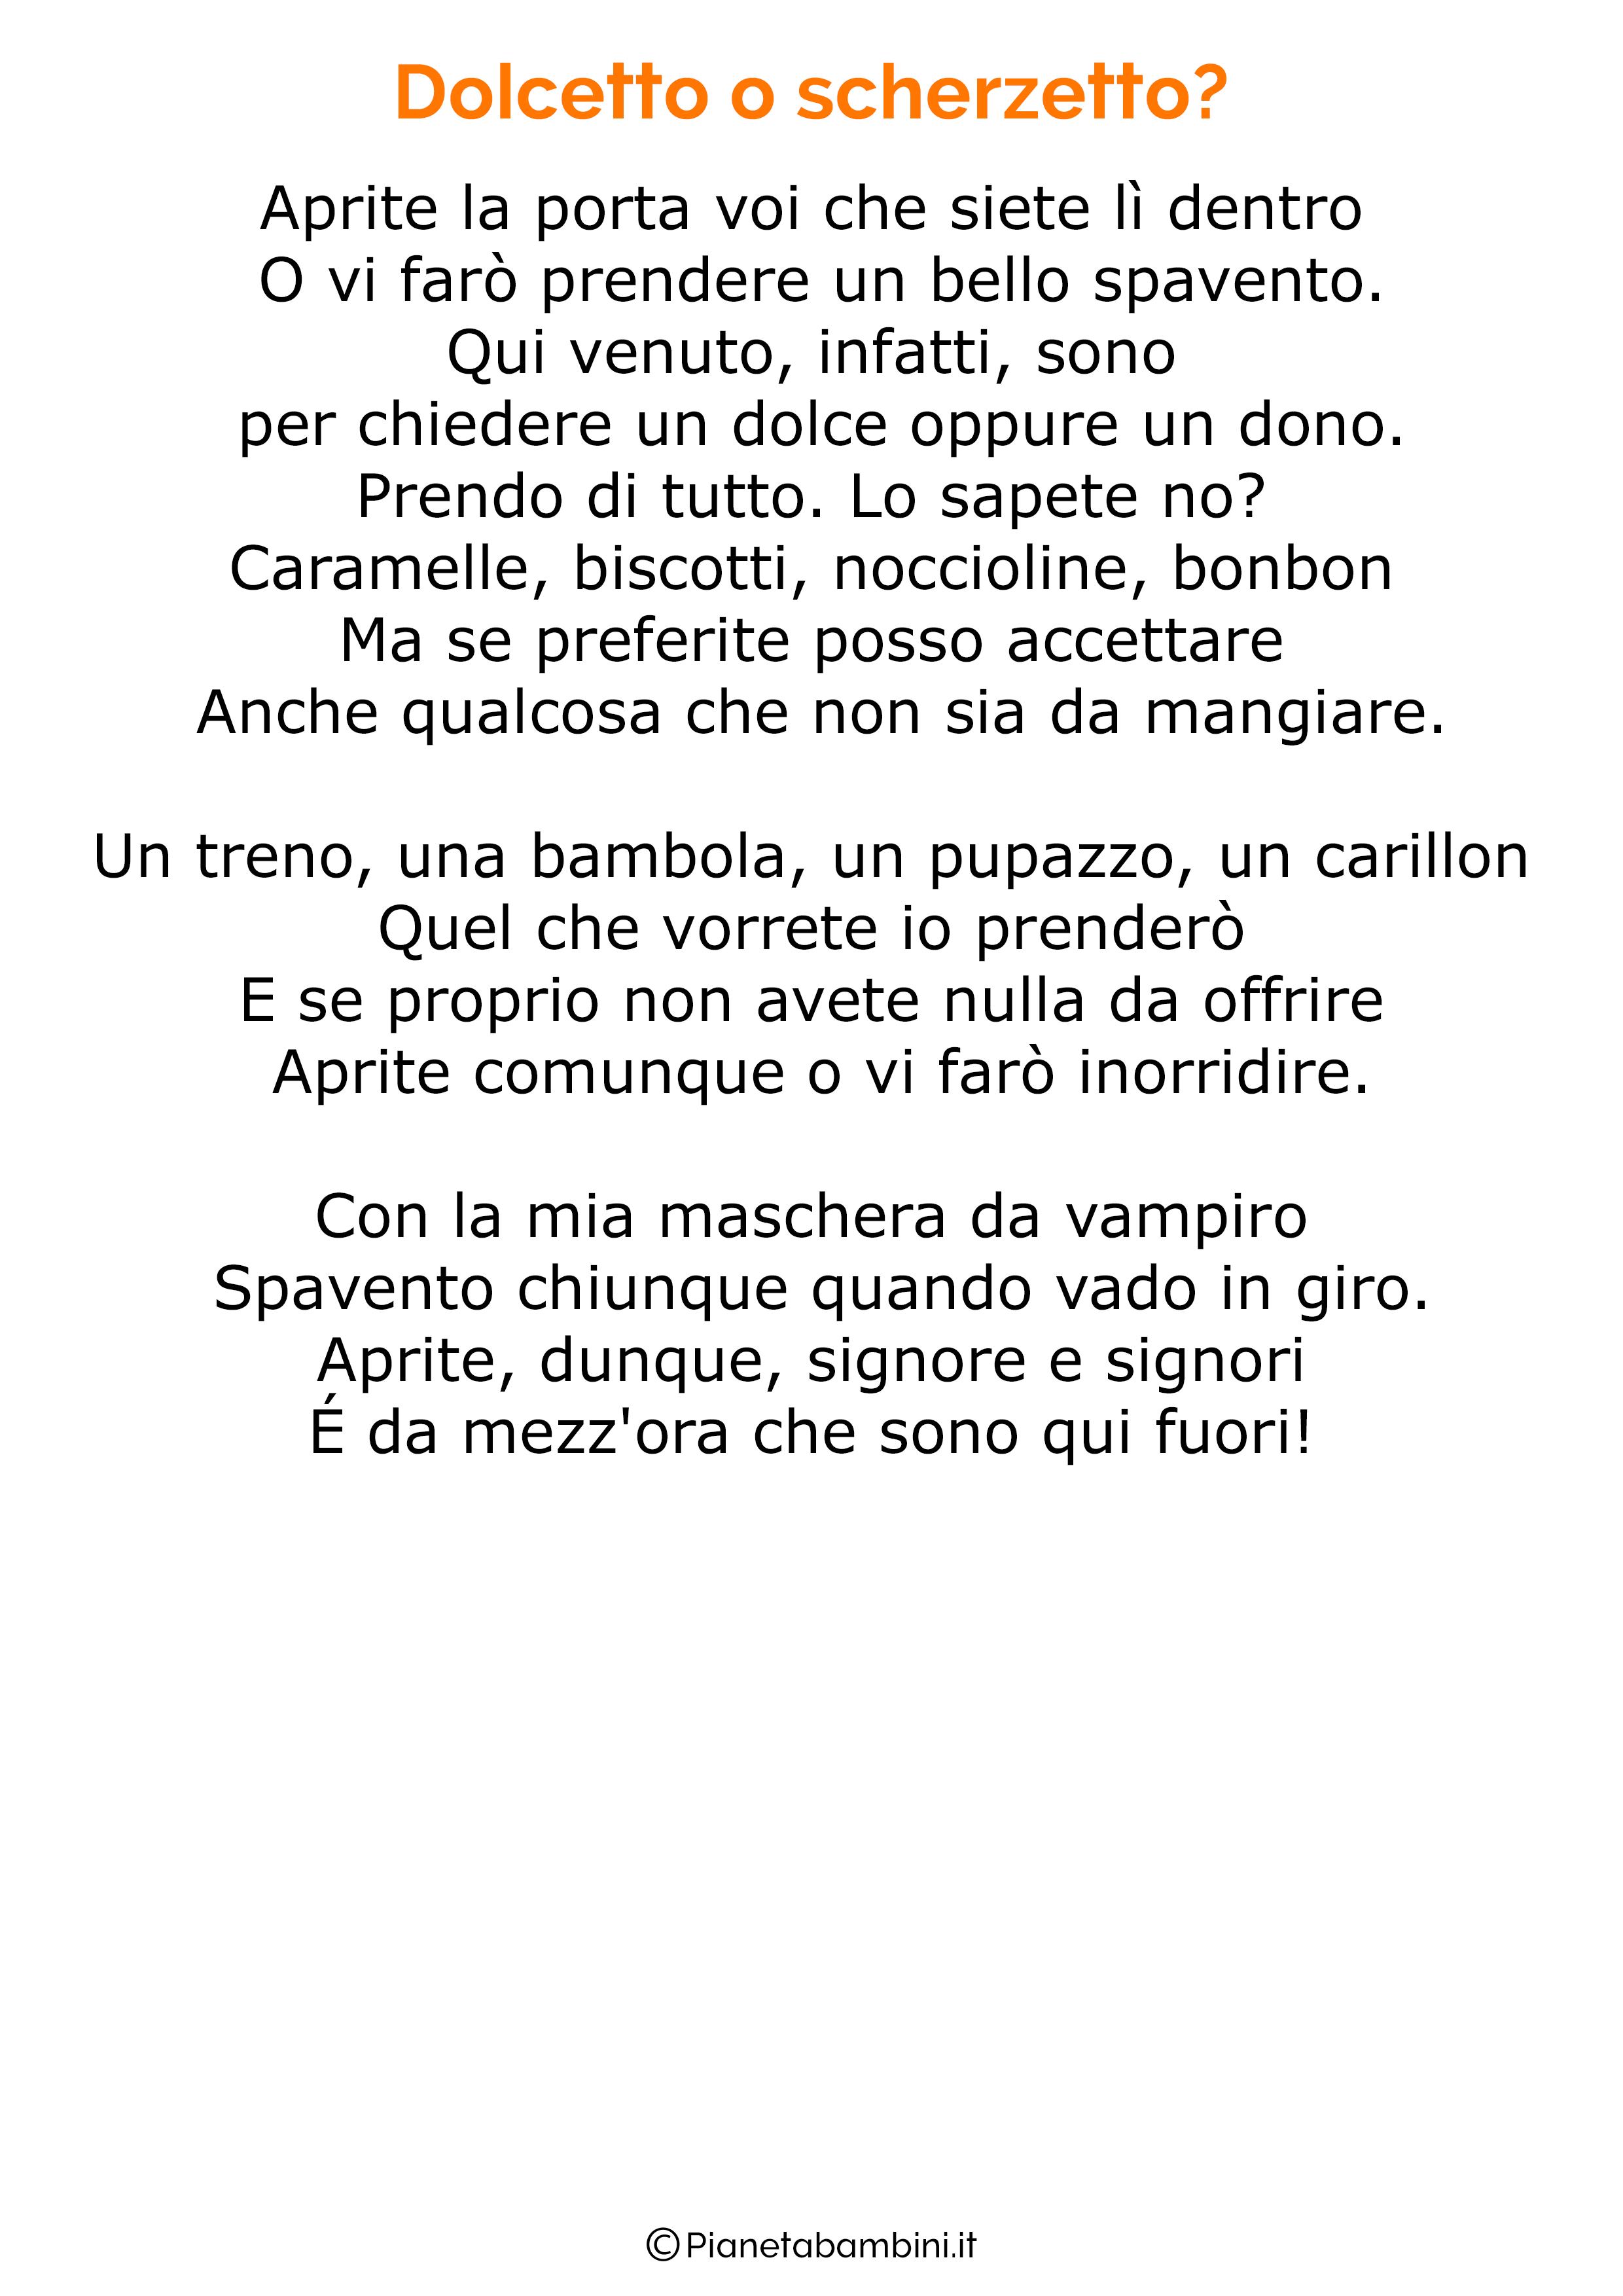 Poesia di Halloween per bambini 24